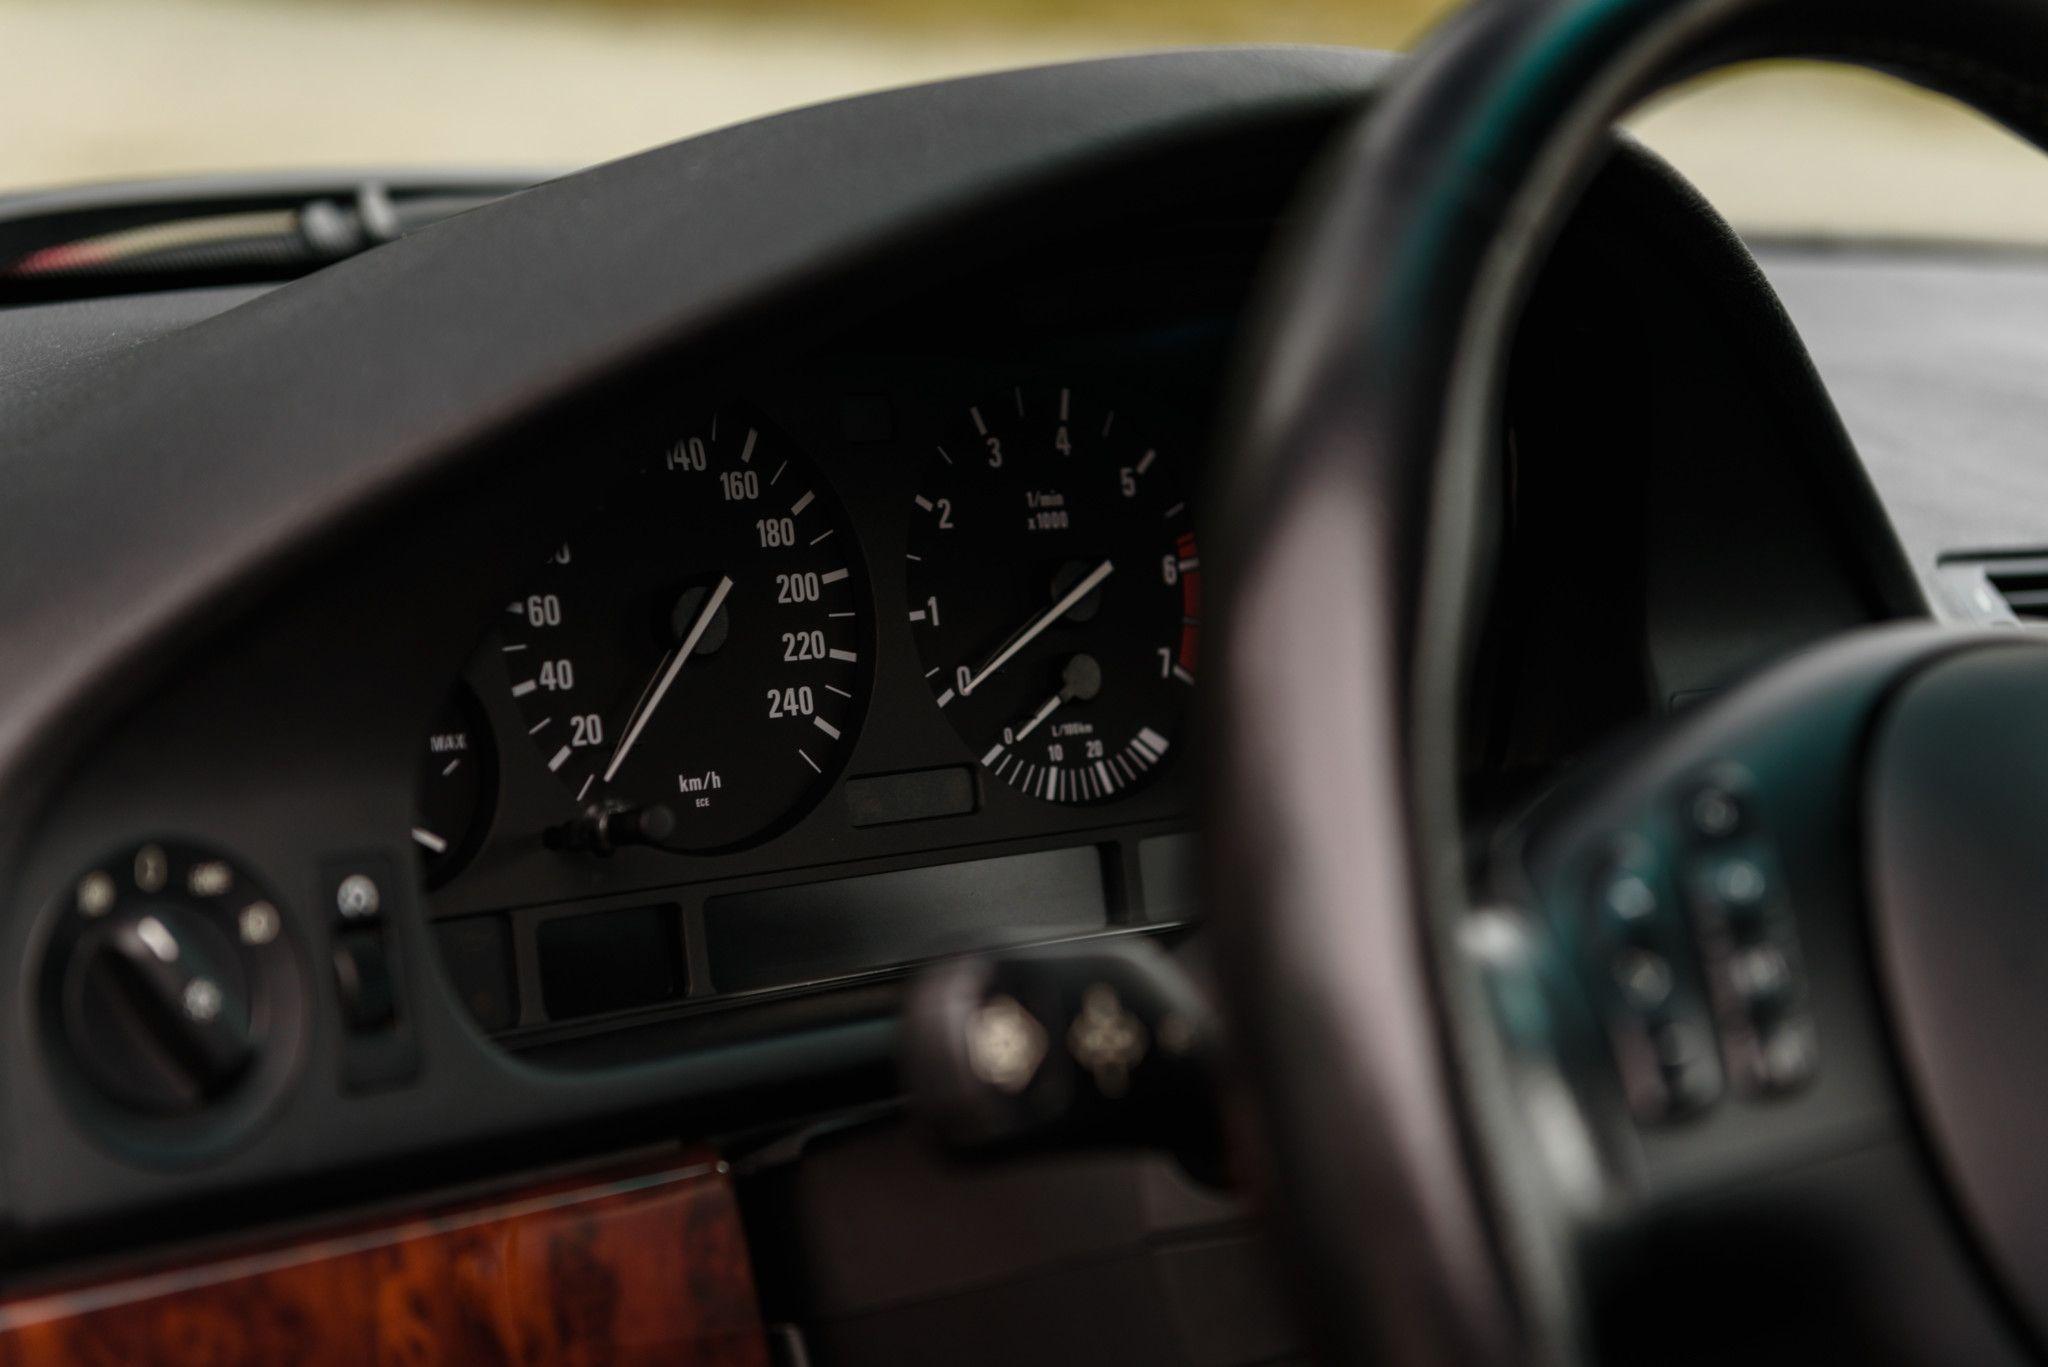 2003 BMW 540i M Sport 6Speed Bmw, New thermostat